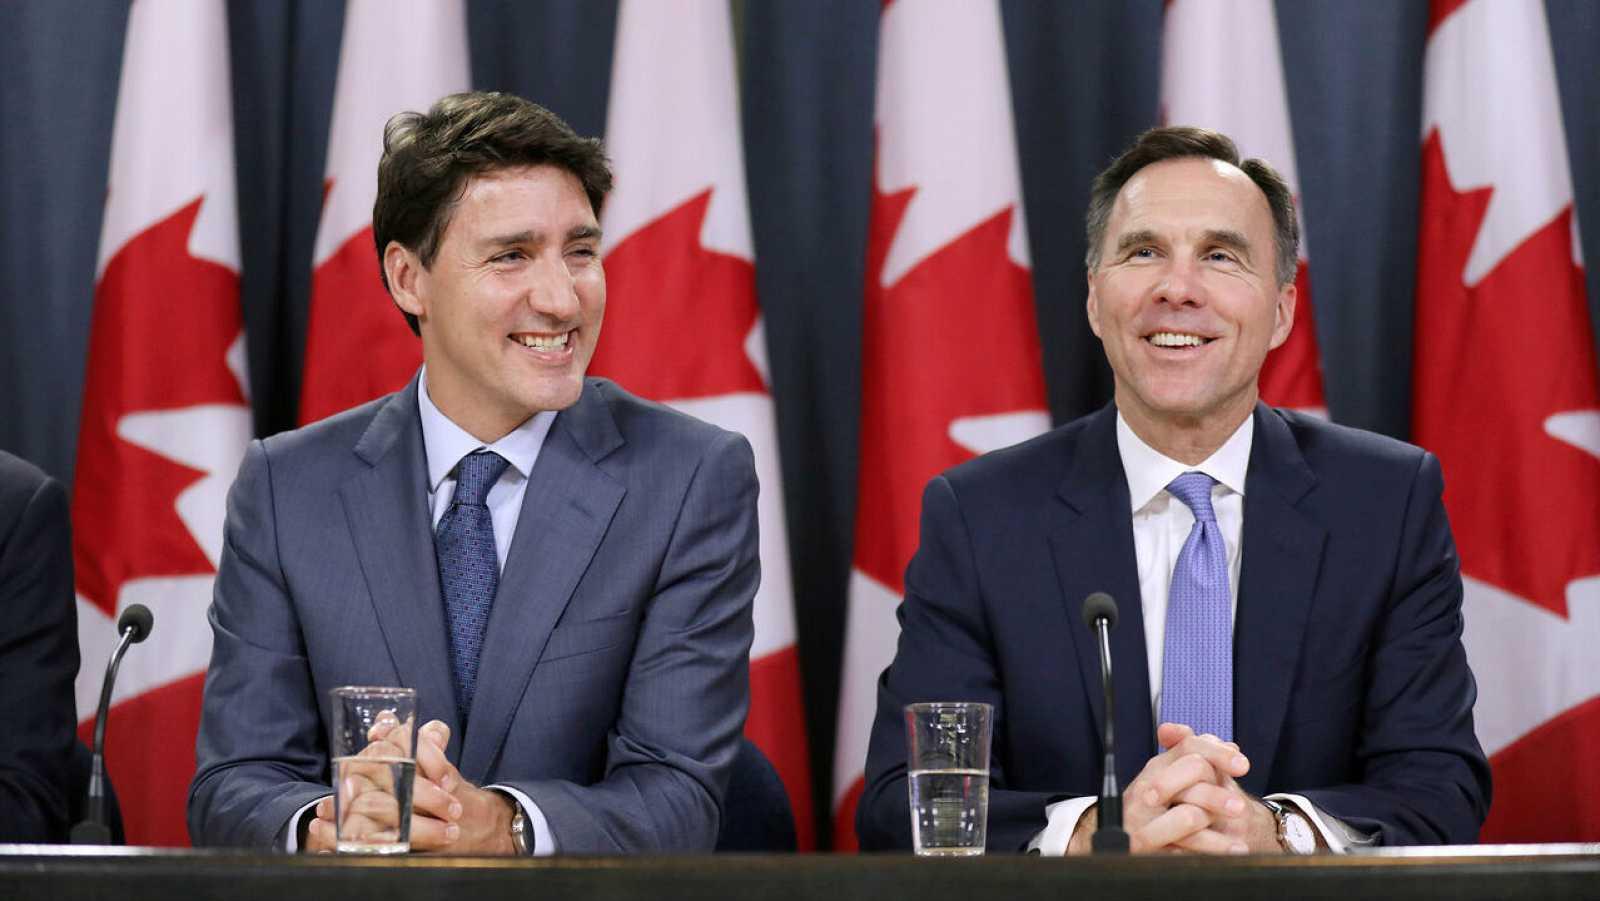 El primer ministro de Canadá, Justin Trudeau, y el ministro de Finanzas, Bill Morneau, durante una conferencia de prensa.